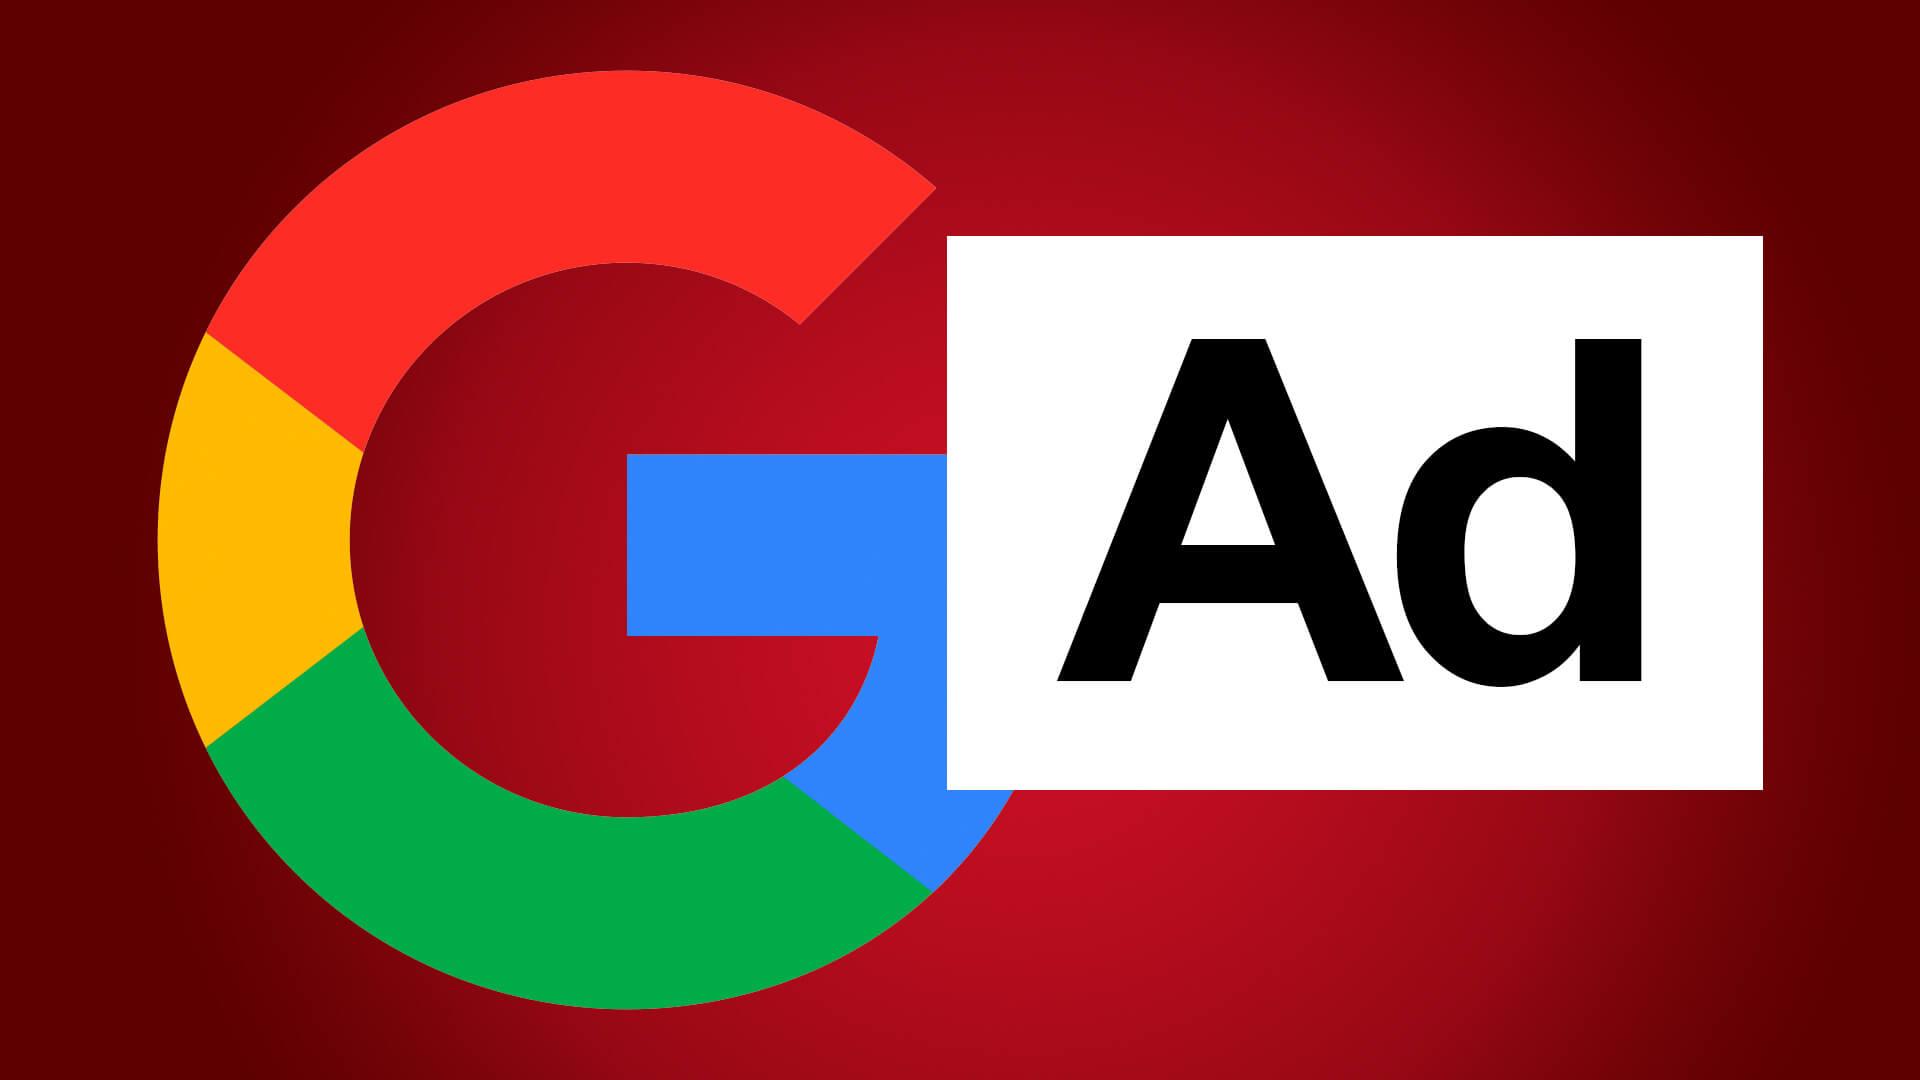 Google para prohibir la segmentación demográfica, por código postal para vivienda, empleo, anuncios de crédito